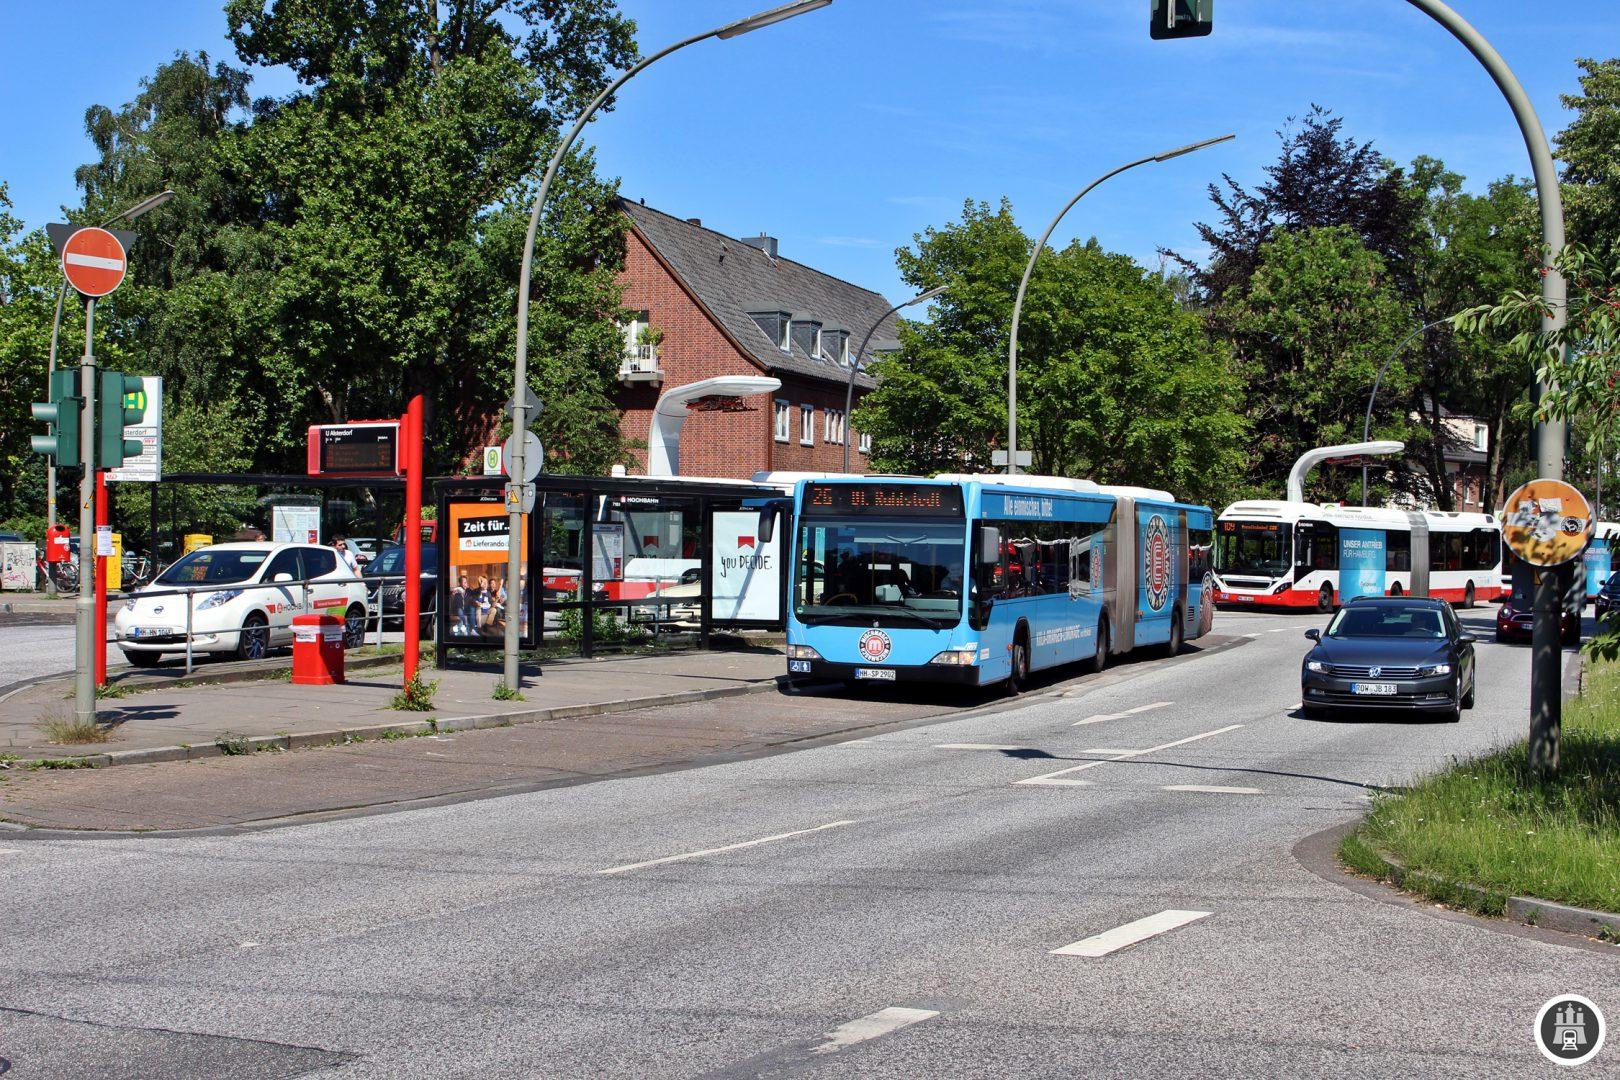 Hier in Alsterdorf startet jede zweite Fahrt der 26 in Richtung Rahlstedt. An dem Überlieger der Innovationslinie 109 stehen die Ladestationen für die Volvo Plug-in Busse zur Fahrt zum Hauptbahnhof/ZOB